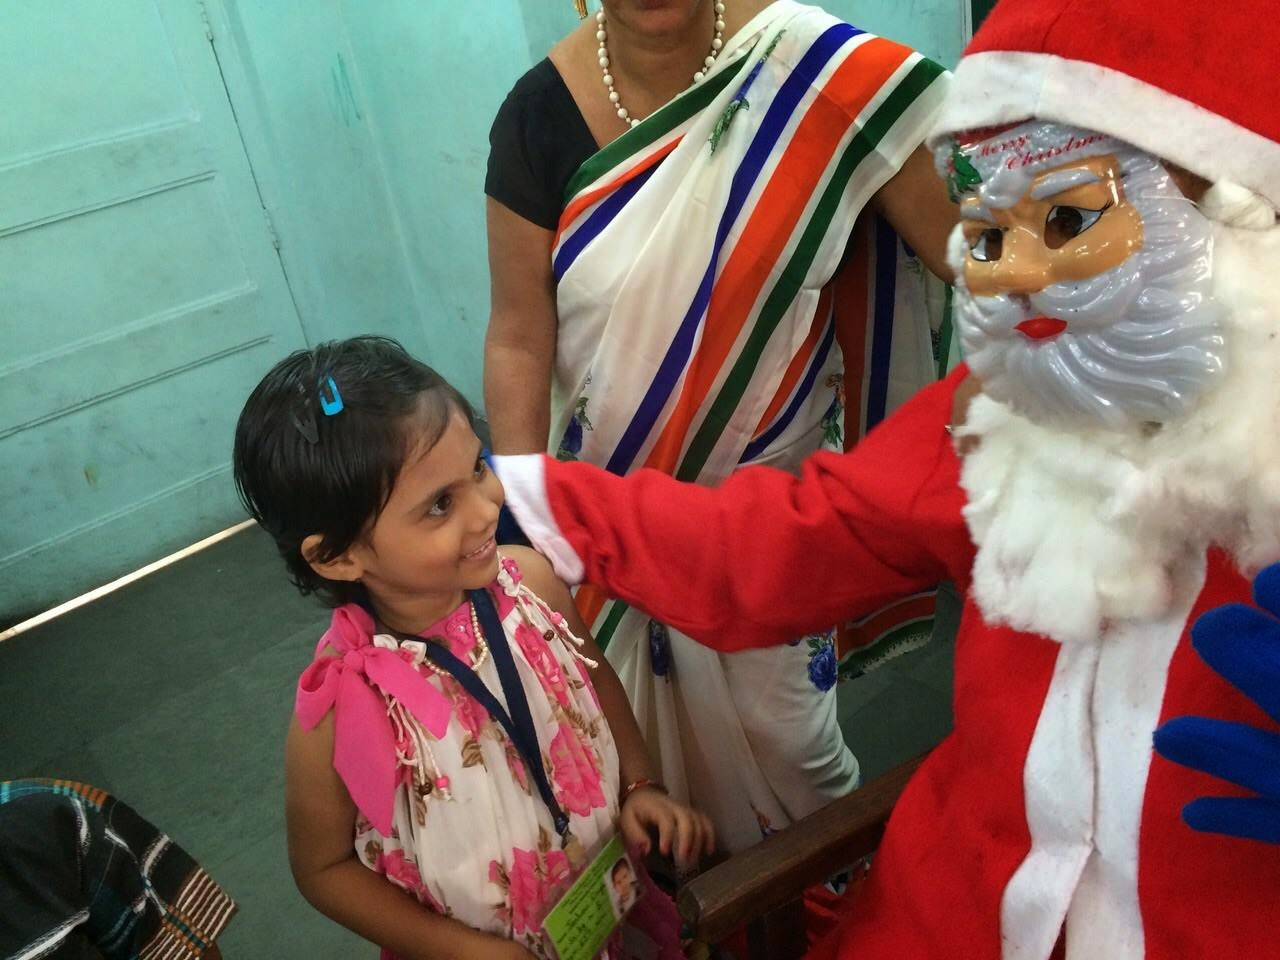 Mumbai_Public_School_MPS_Juhu_Nagriksatta_Ward_63_Gandhigram_President_Sherley_Singh_Secretary_Anjali_Bose_Treasurer_Anil_Desai_BMC_School_Mumbai_Bmc_School_English_Mediam_Christmas